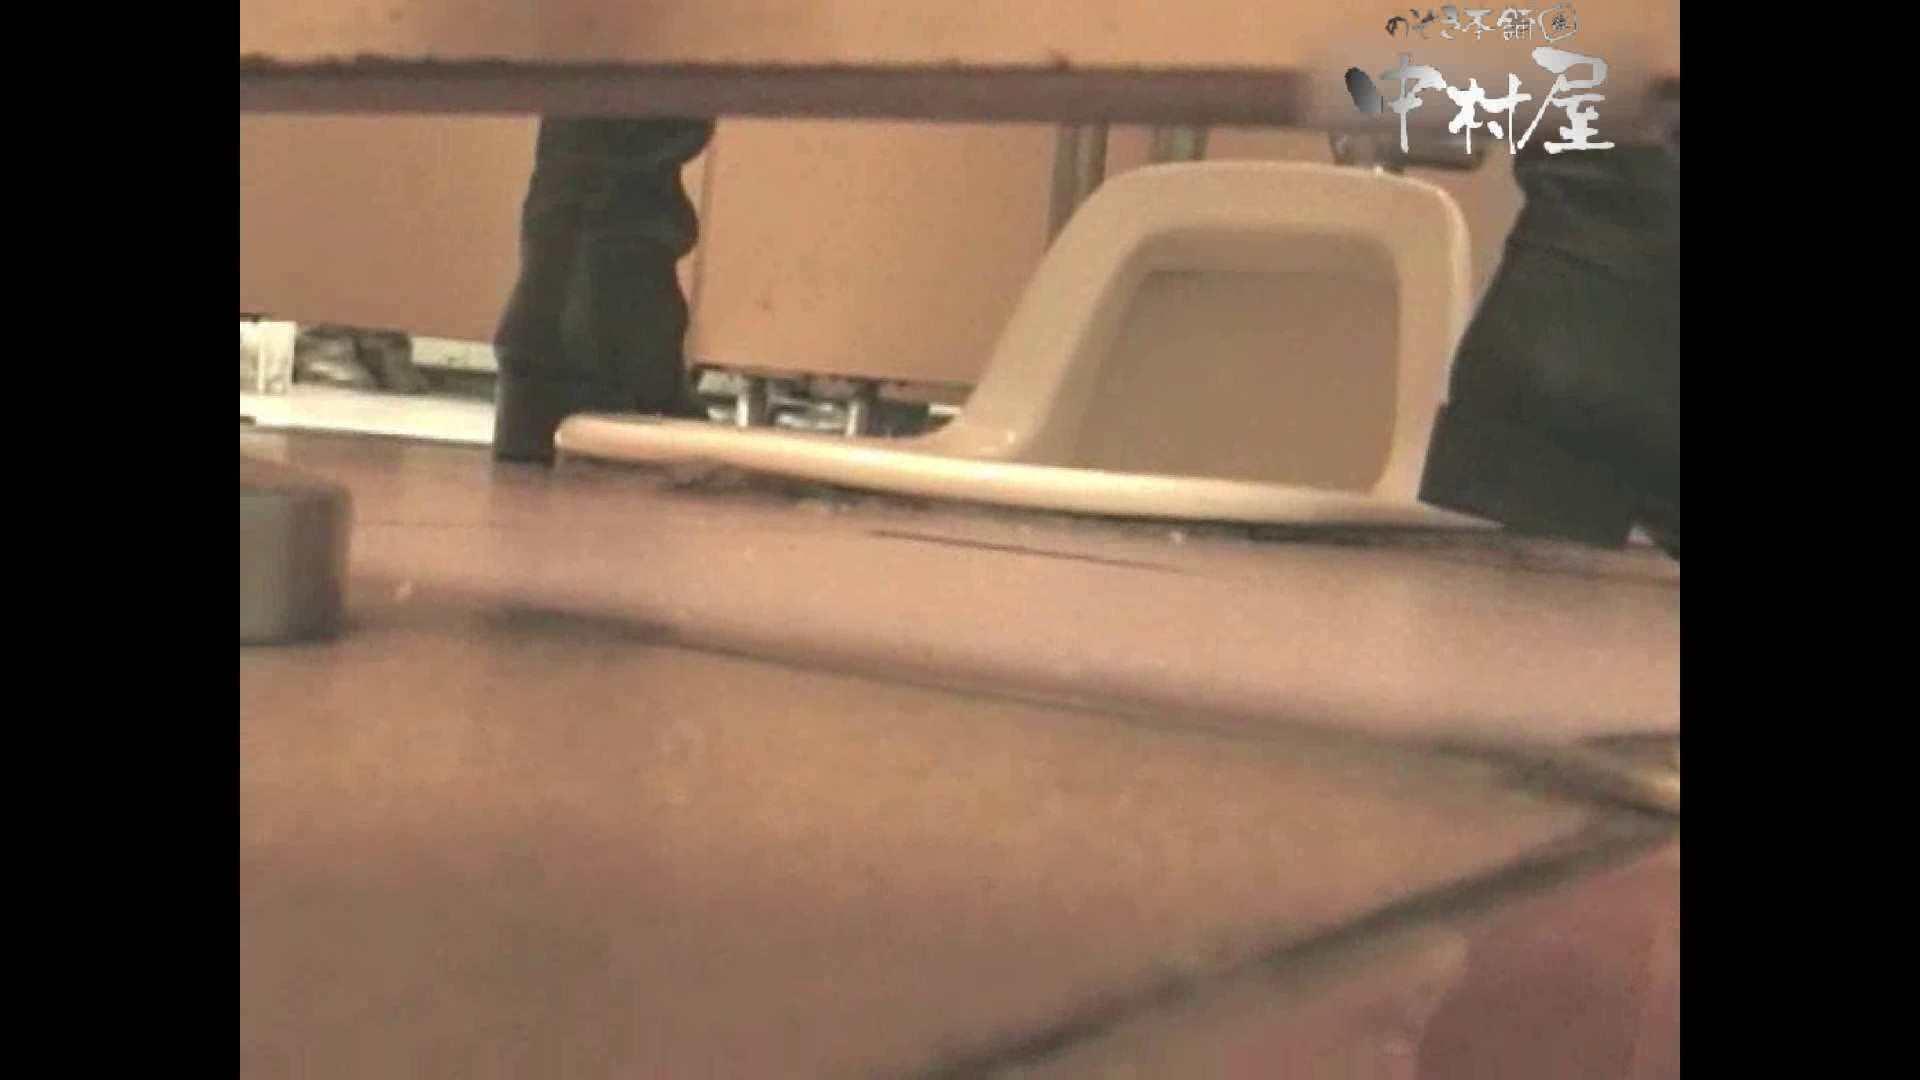 岩手県在住盗撮師盗撮記録vol.03 マンコエロすぎ AV無料動画キャプチャ 79PIX 74